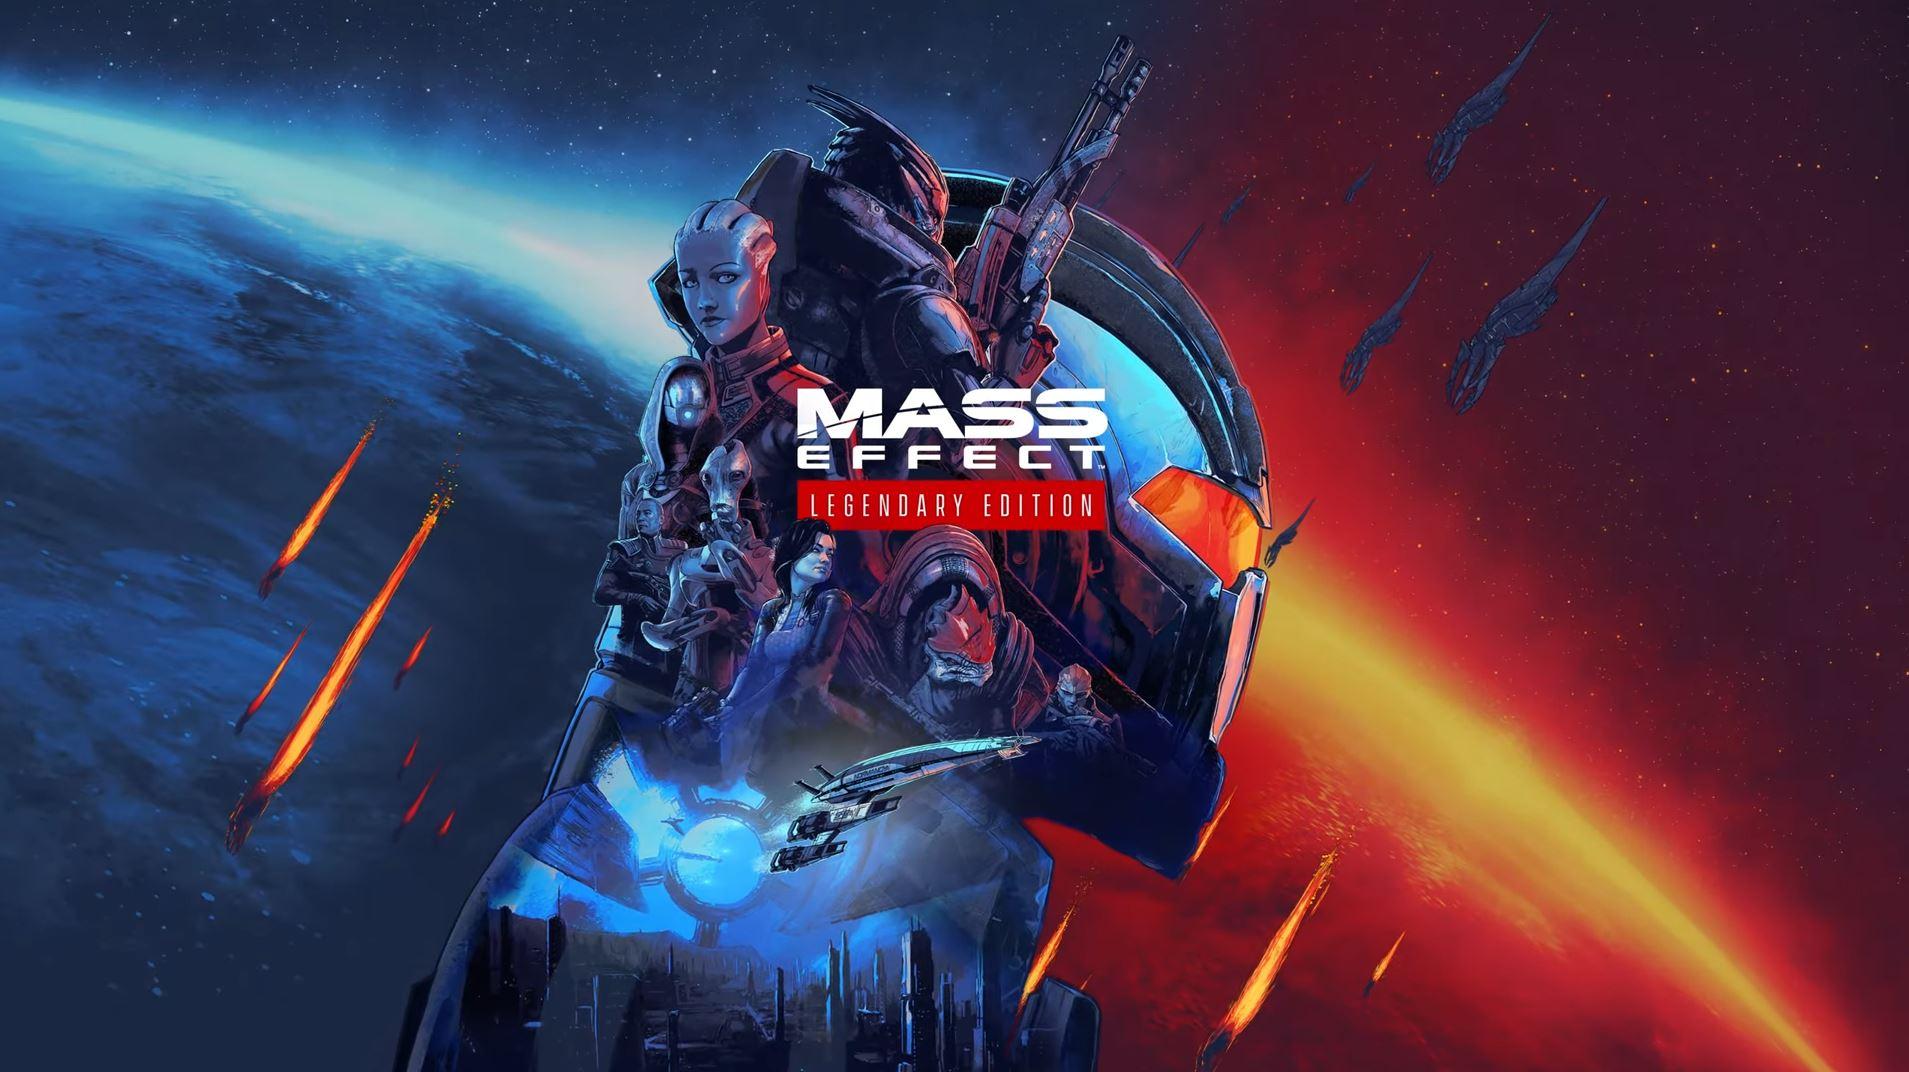 mass-effect-legendary-edition-ps4-news-reviews-videos